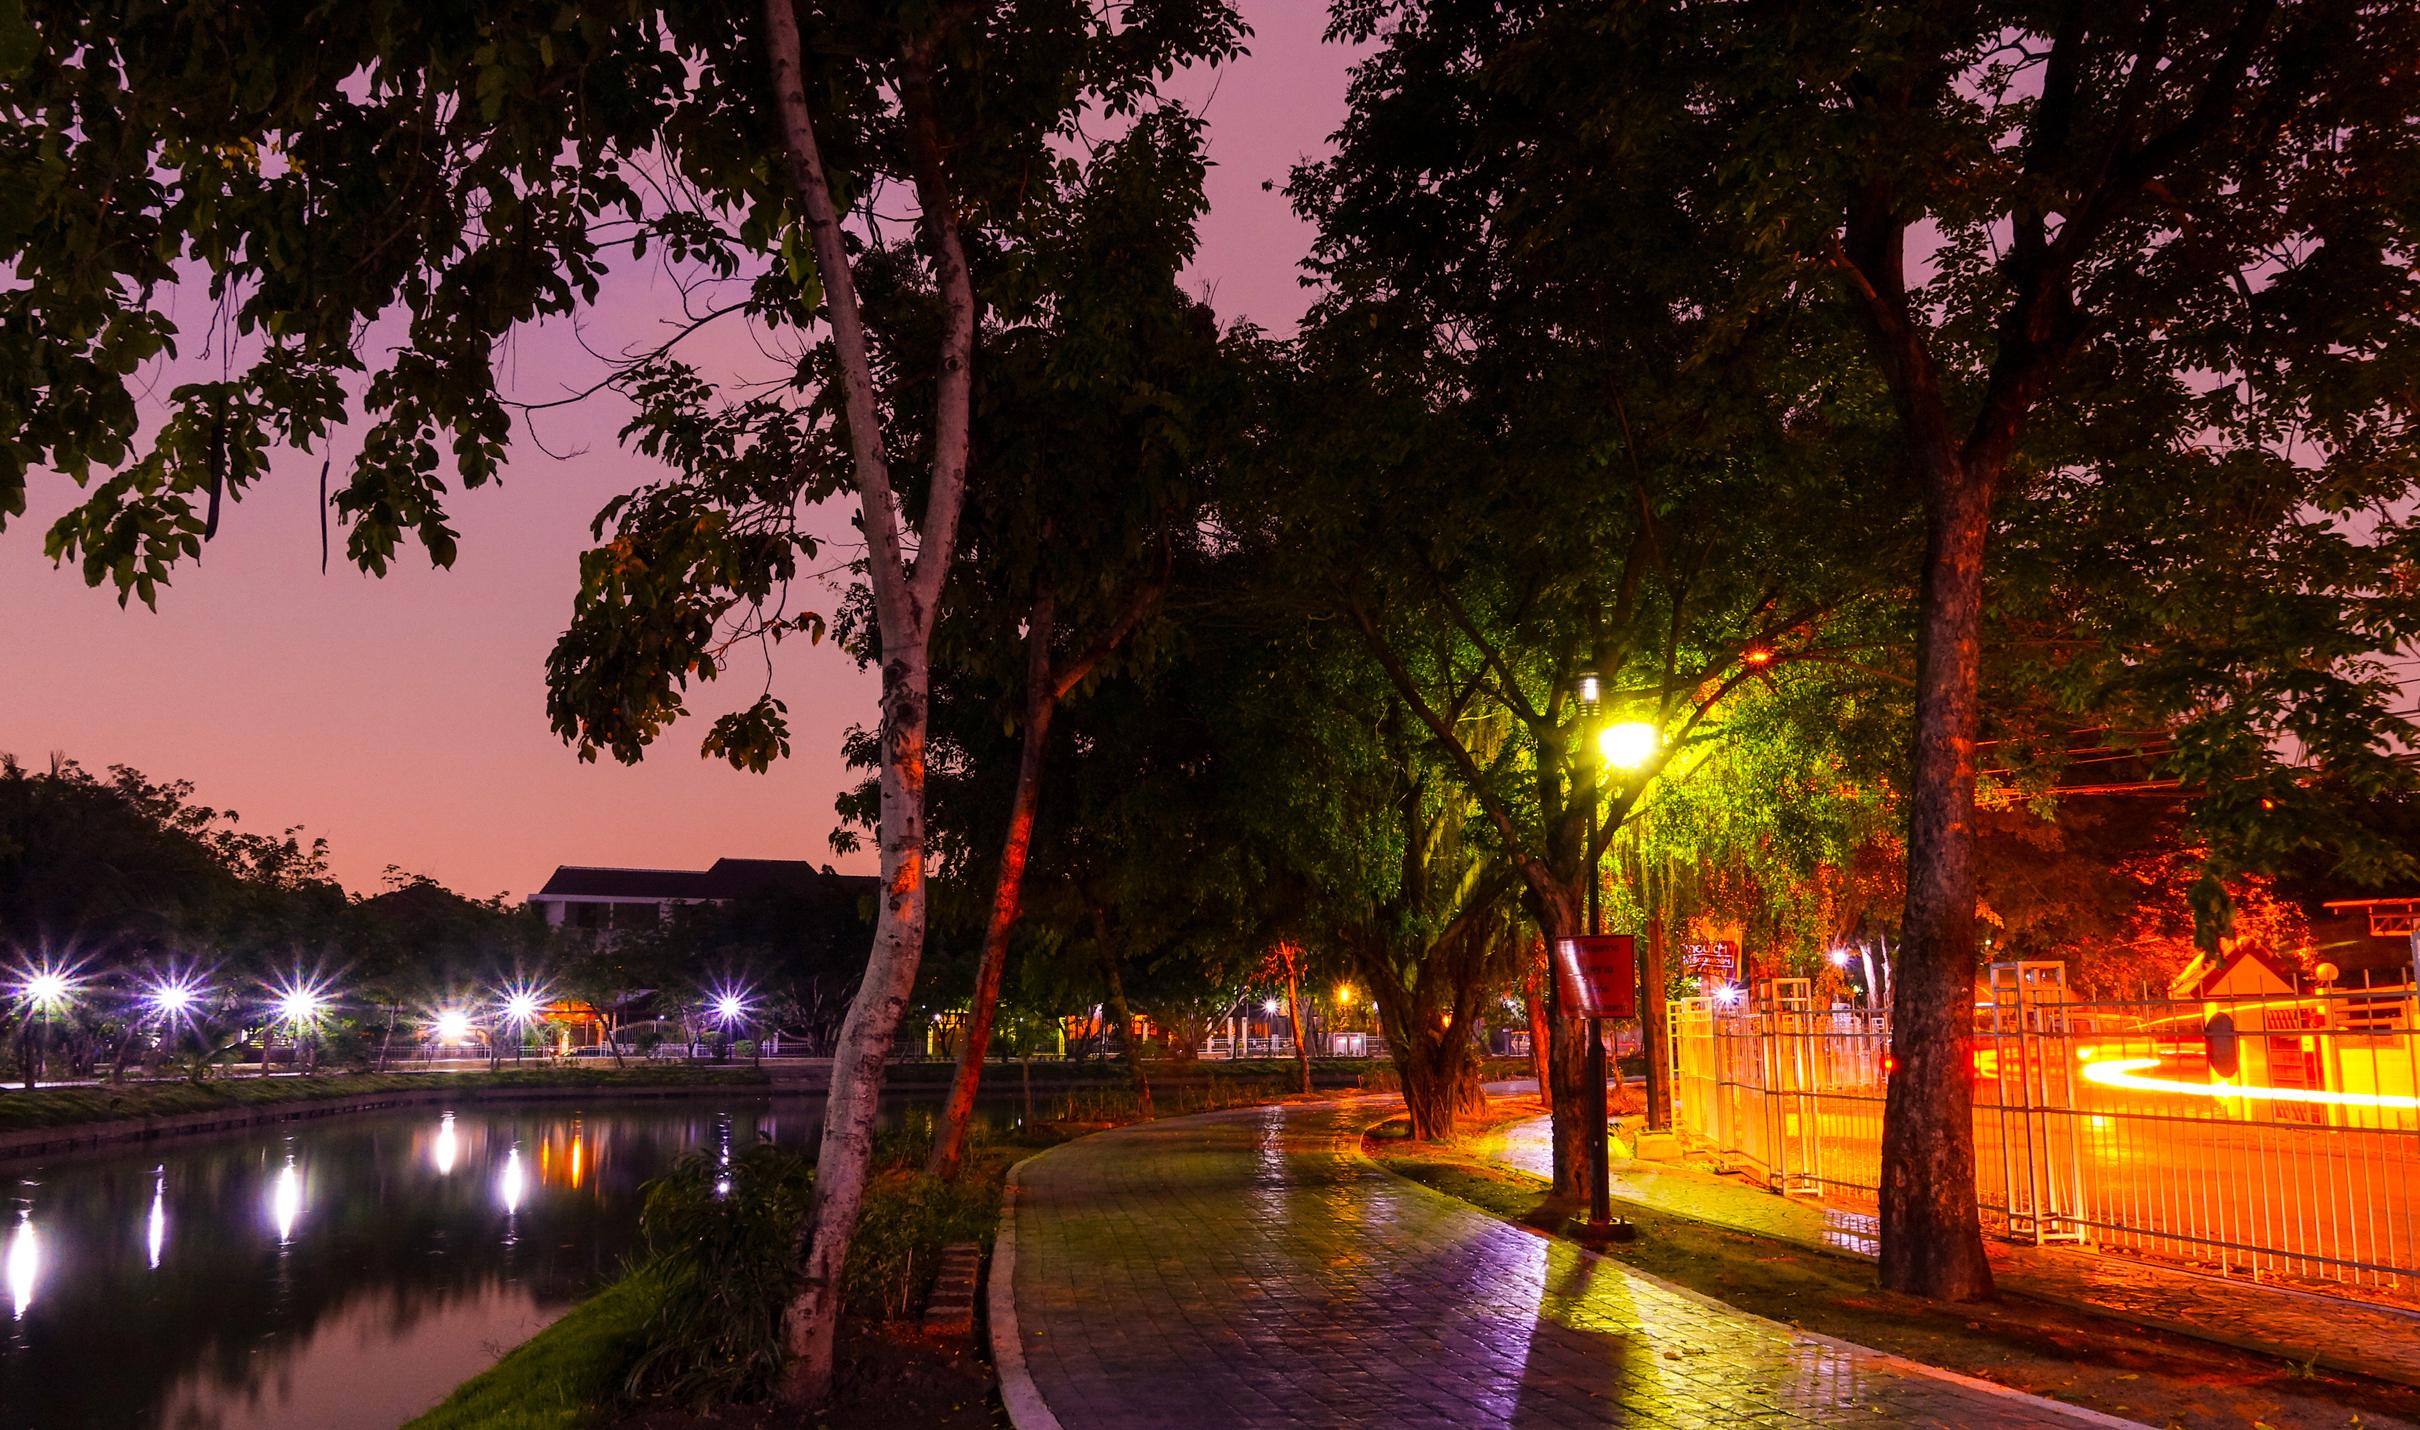 парк речка огни вечер бесплатно